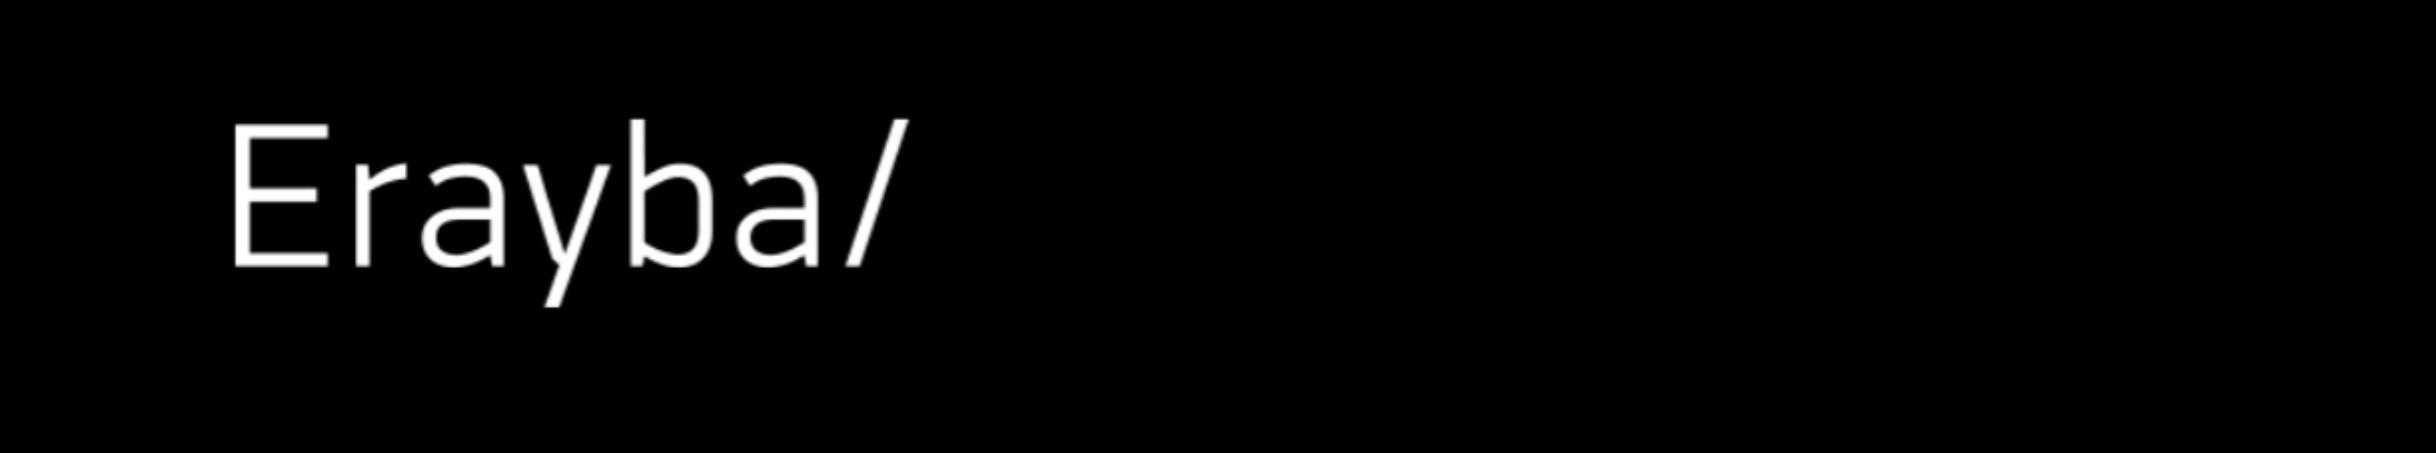 ERAYBA